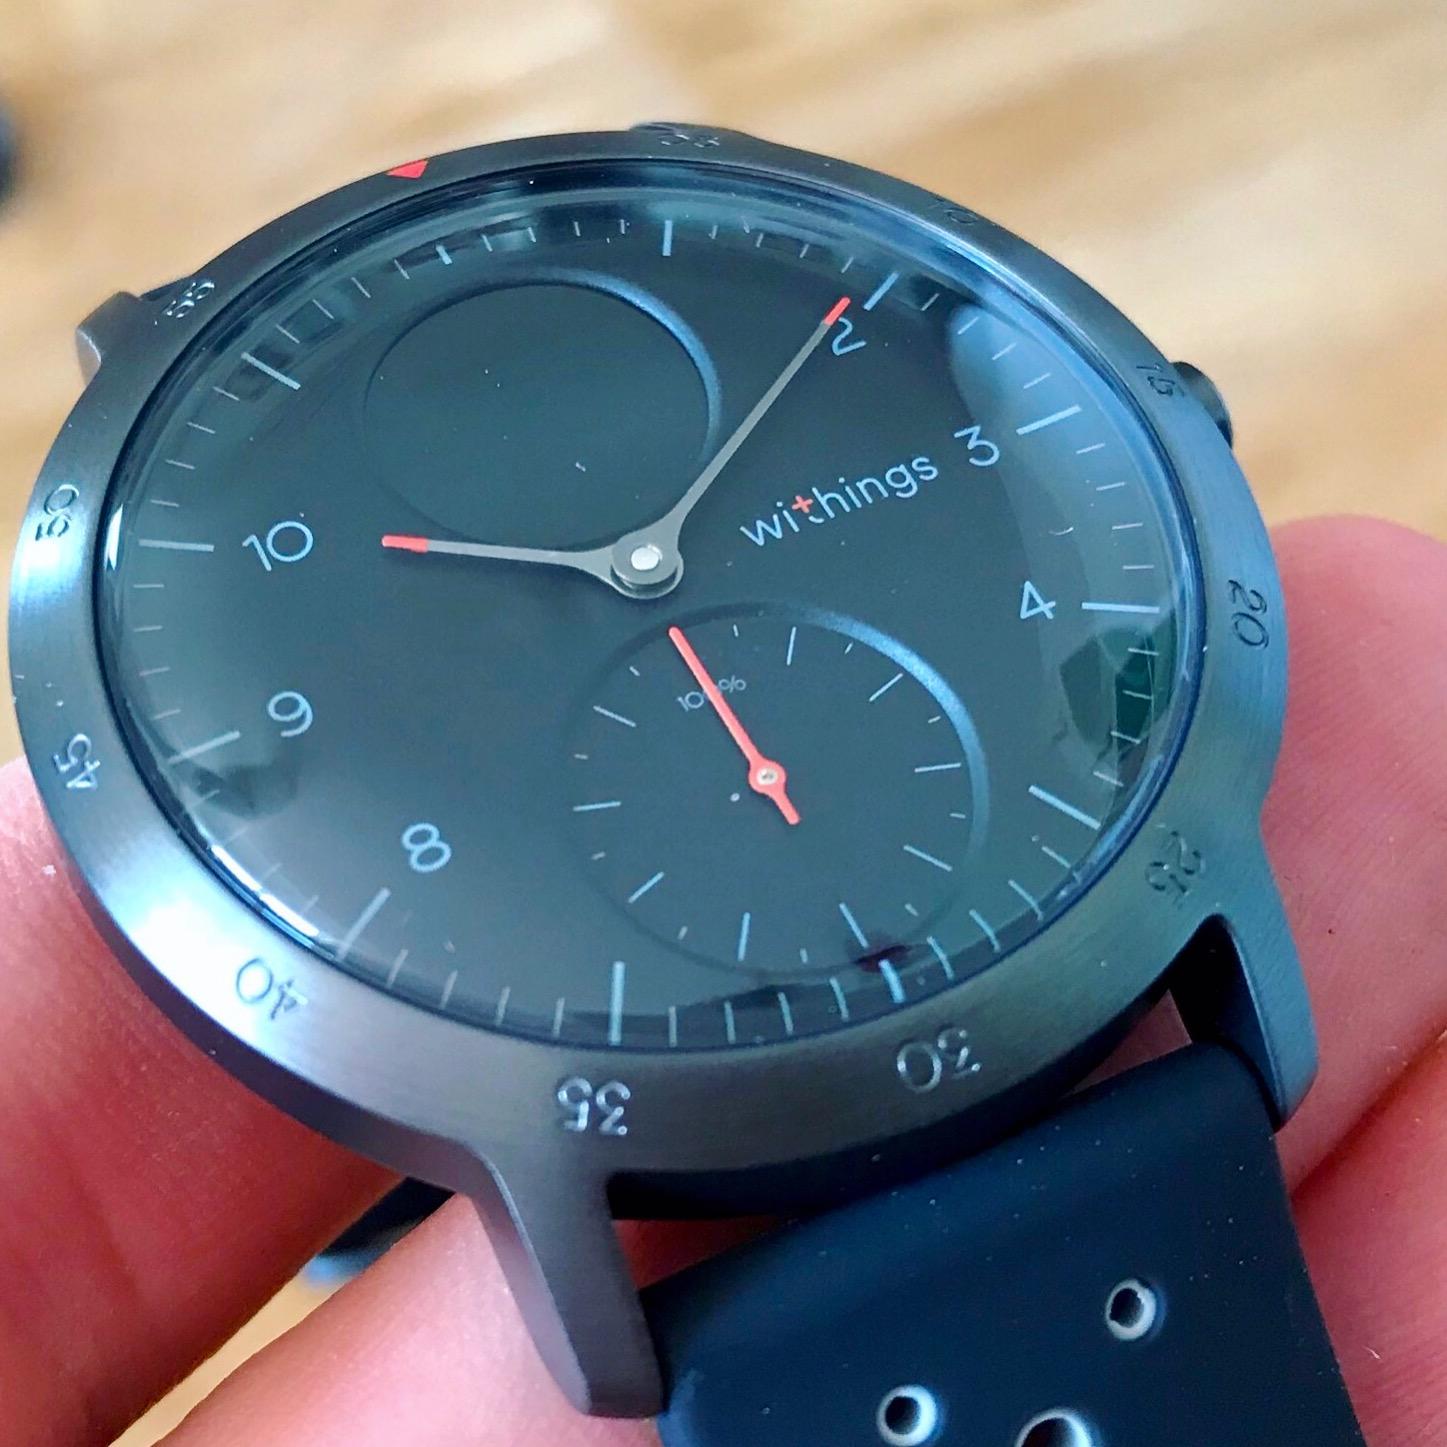 Test de la Steel HR Sport de Withings : une montre connectée pour la santé, cachée derrière des aiguilles mécaniques 1